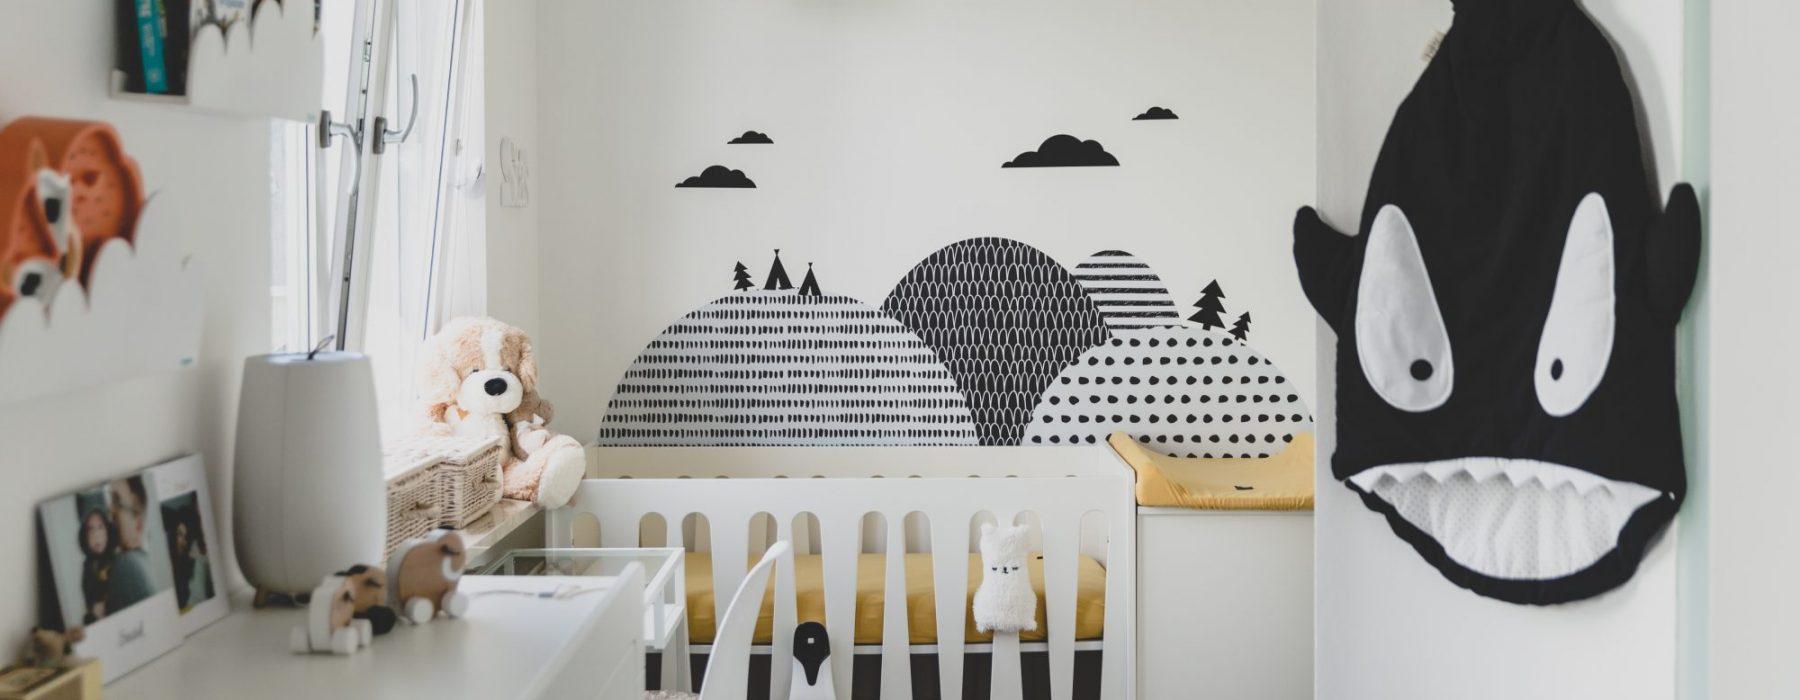 Metamorfoza pokoju dziecięcego, czyli Staś i jego kącik